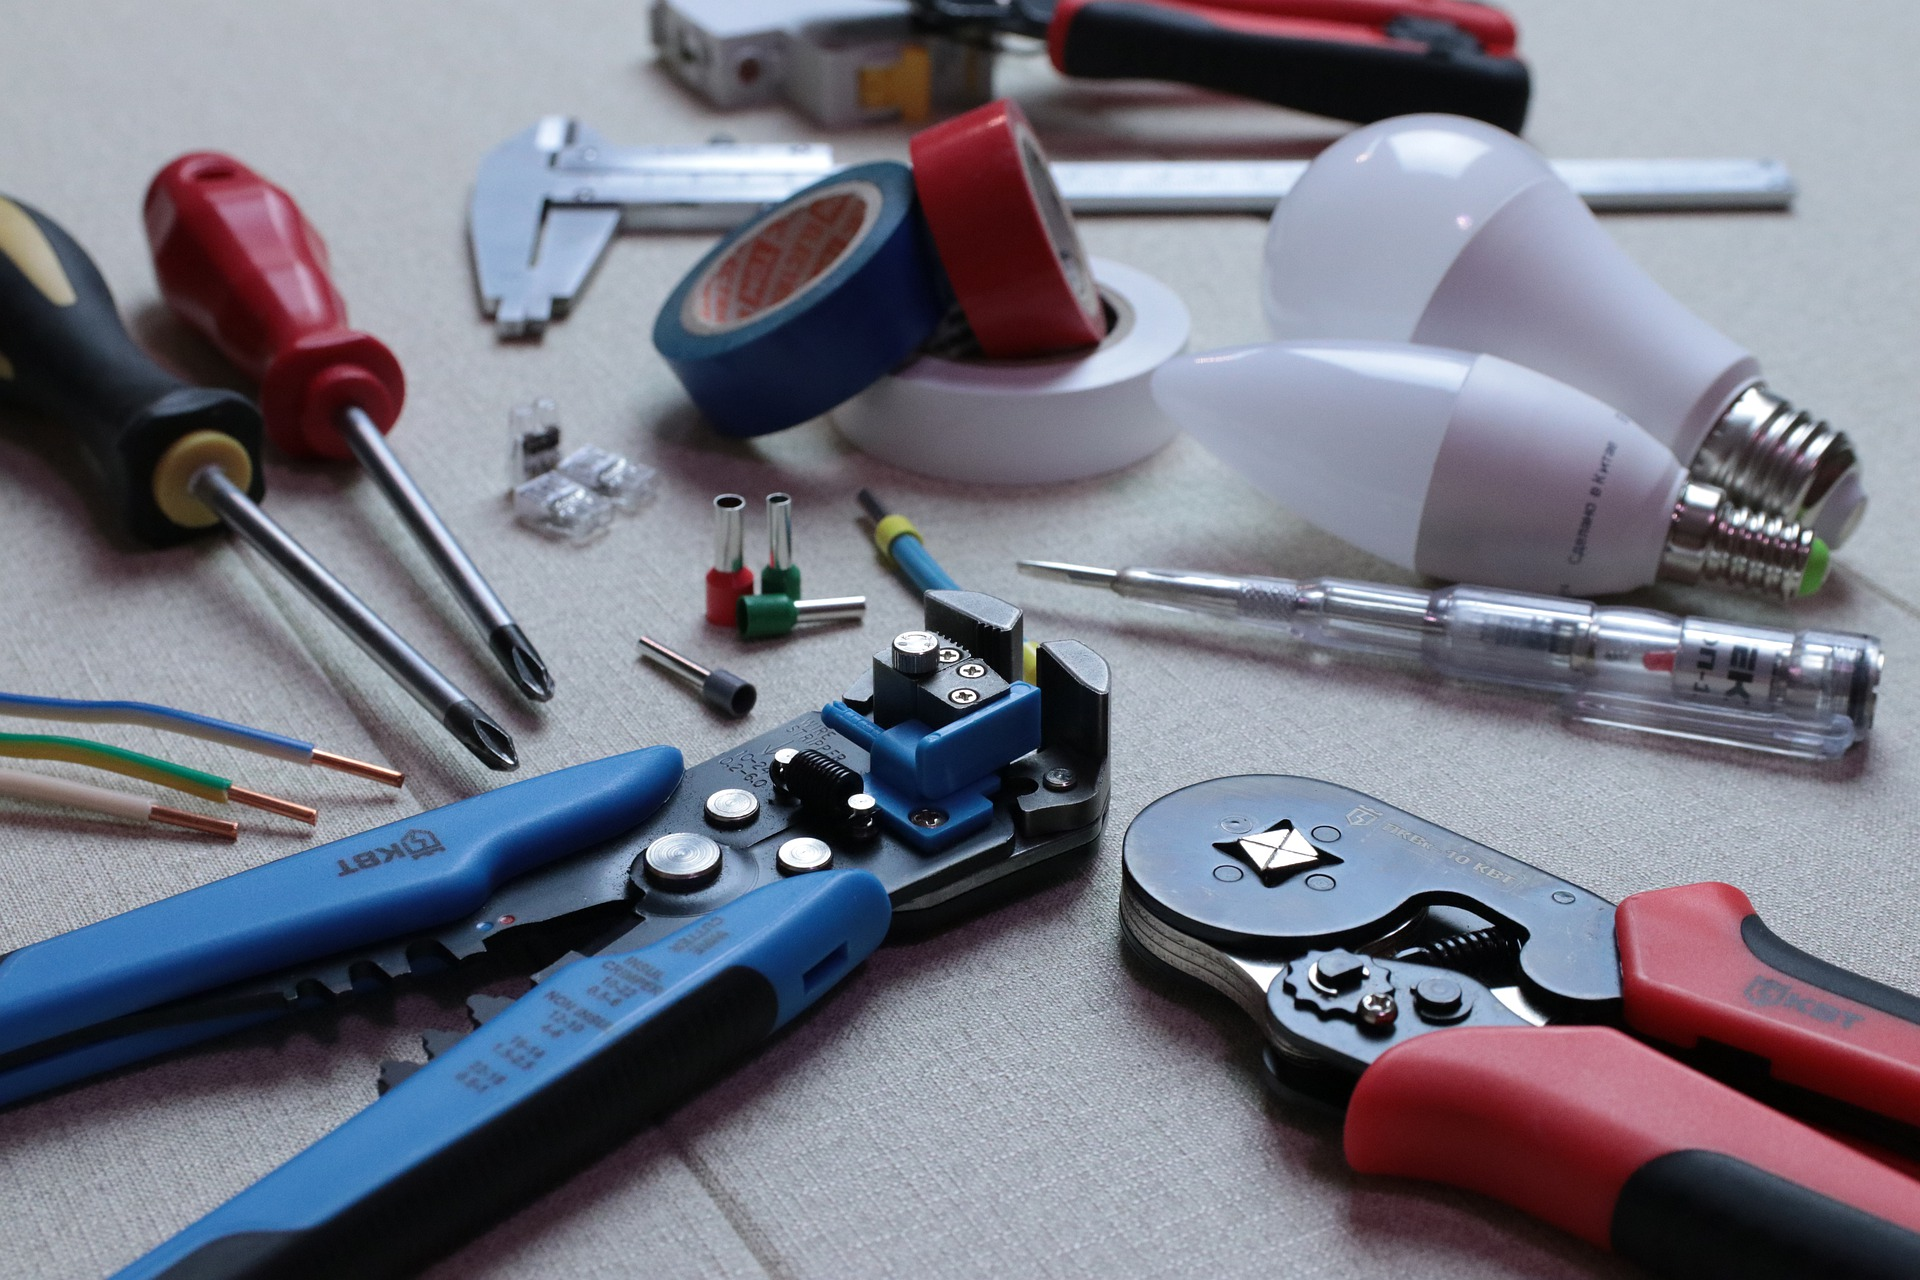 Lampen, Zange, Isolierband, Kabel, diverse Elektroartikel auf einer Unterlage verteilt